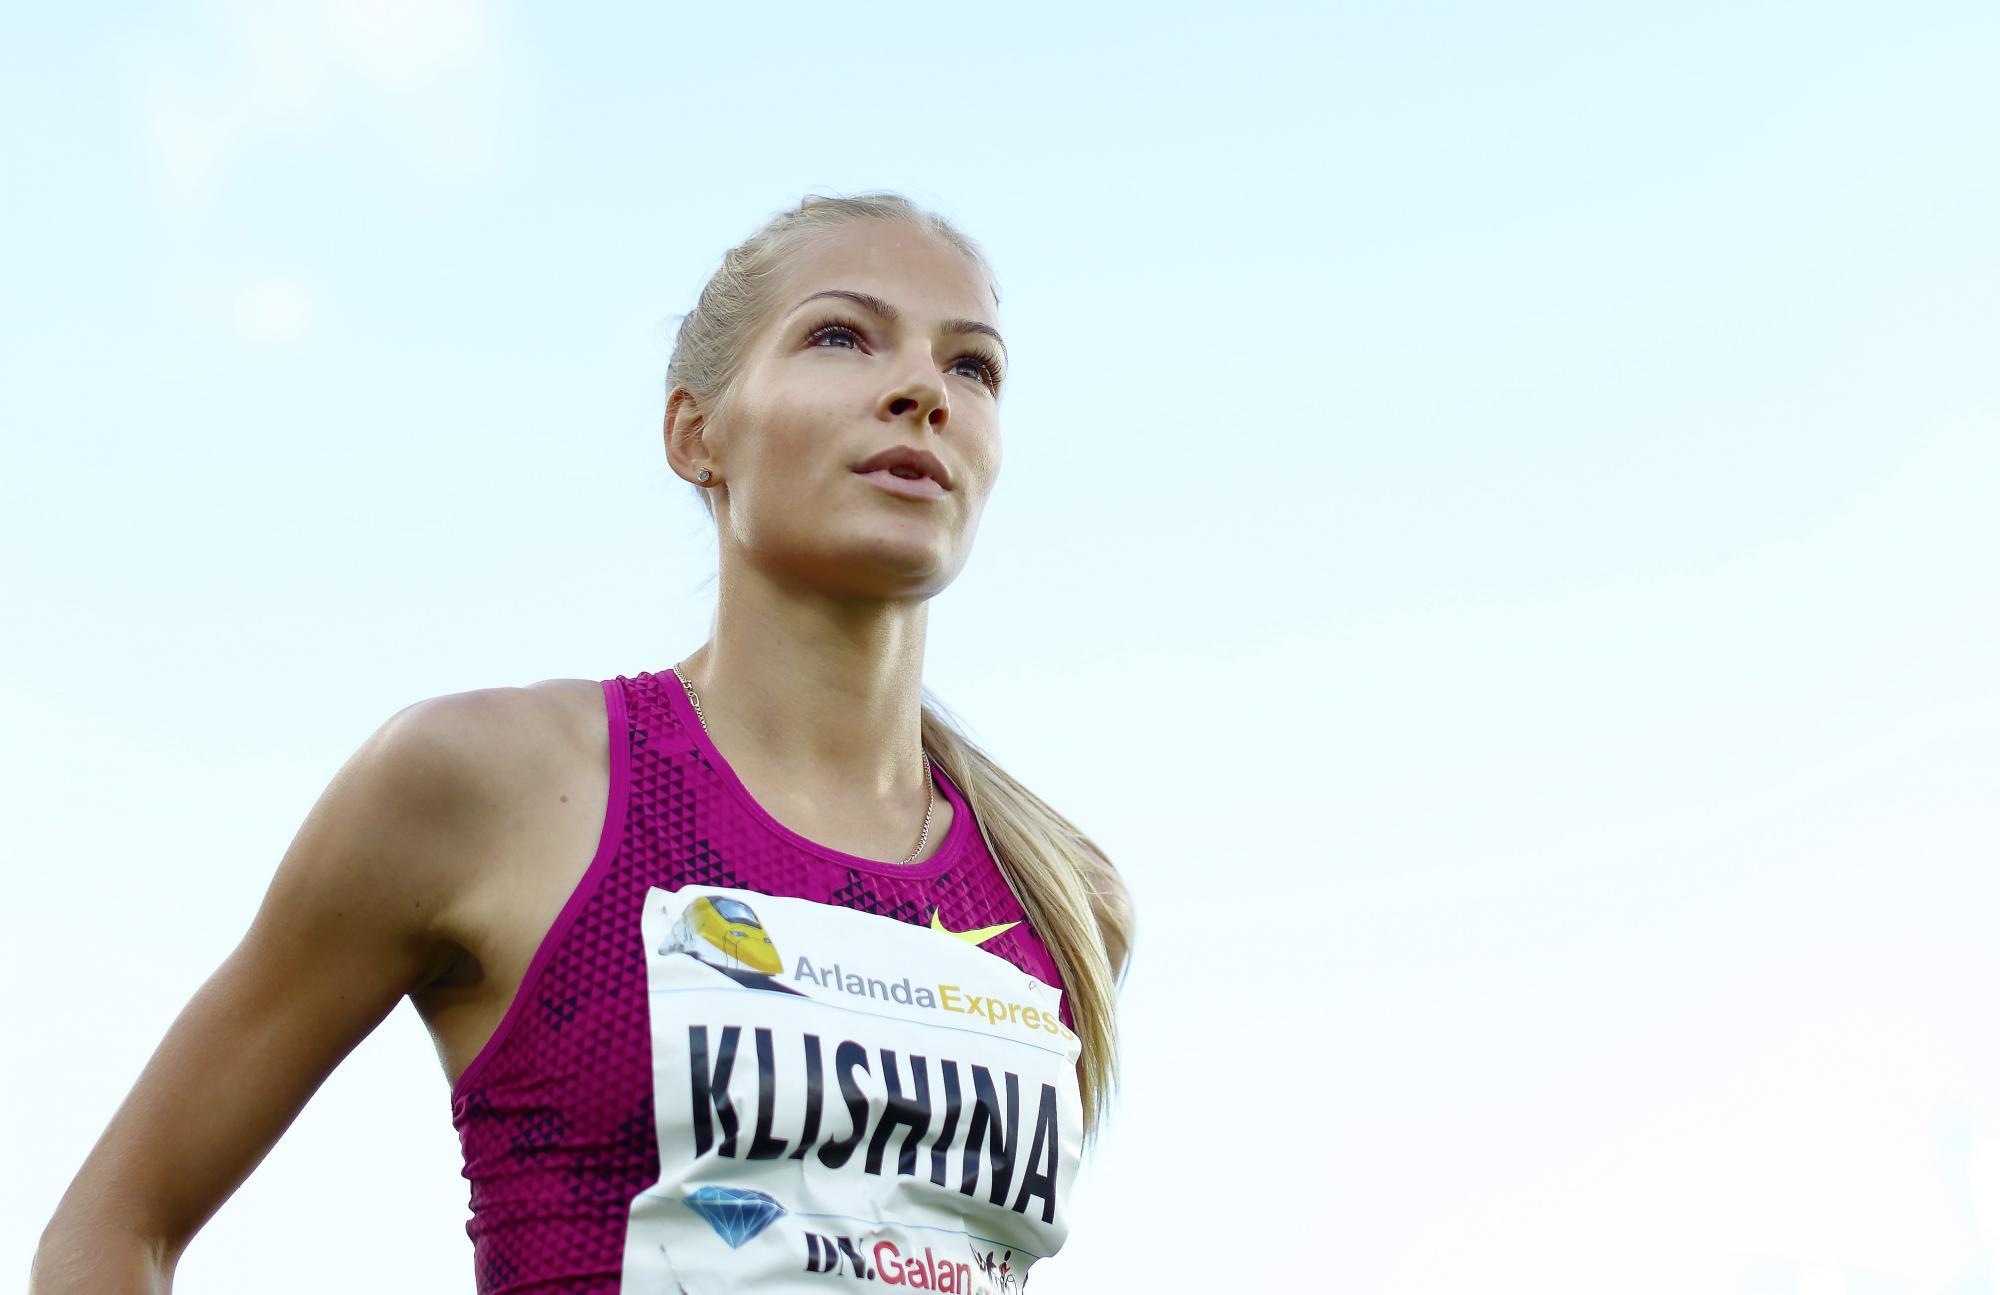 Клишиной разрешили выступать насоревнованиях вкачестве нейтральной спортсменки